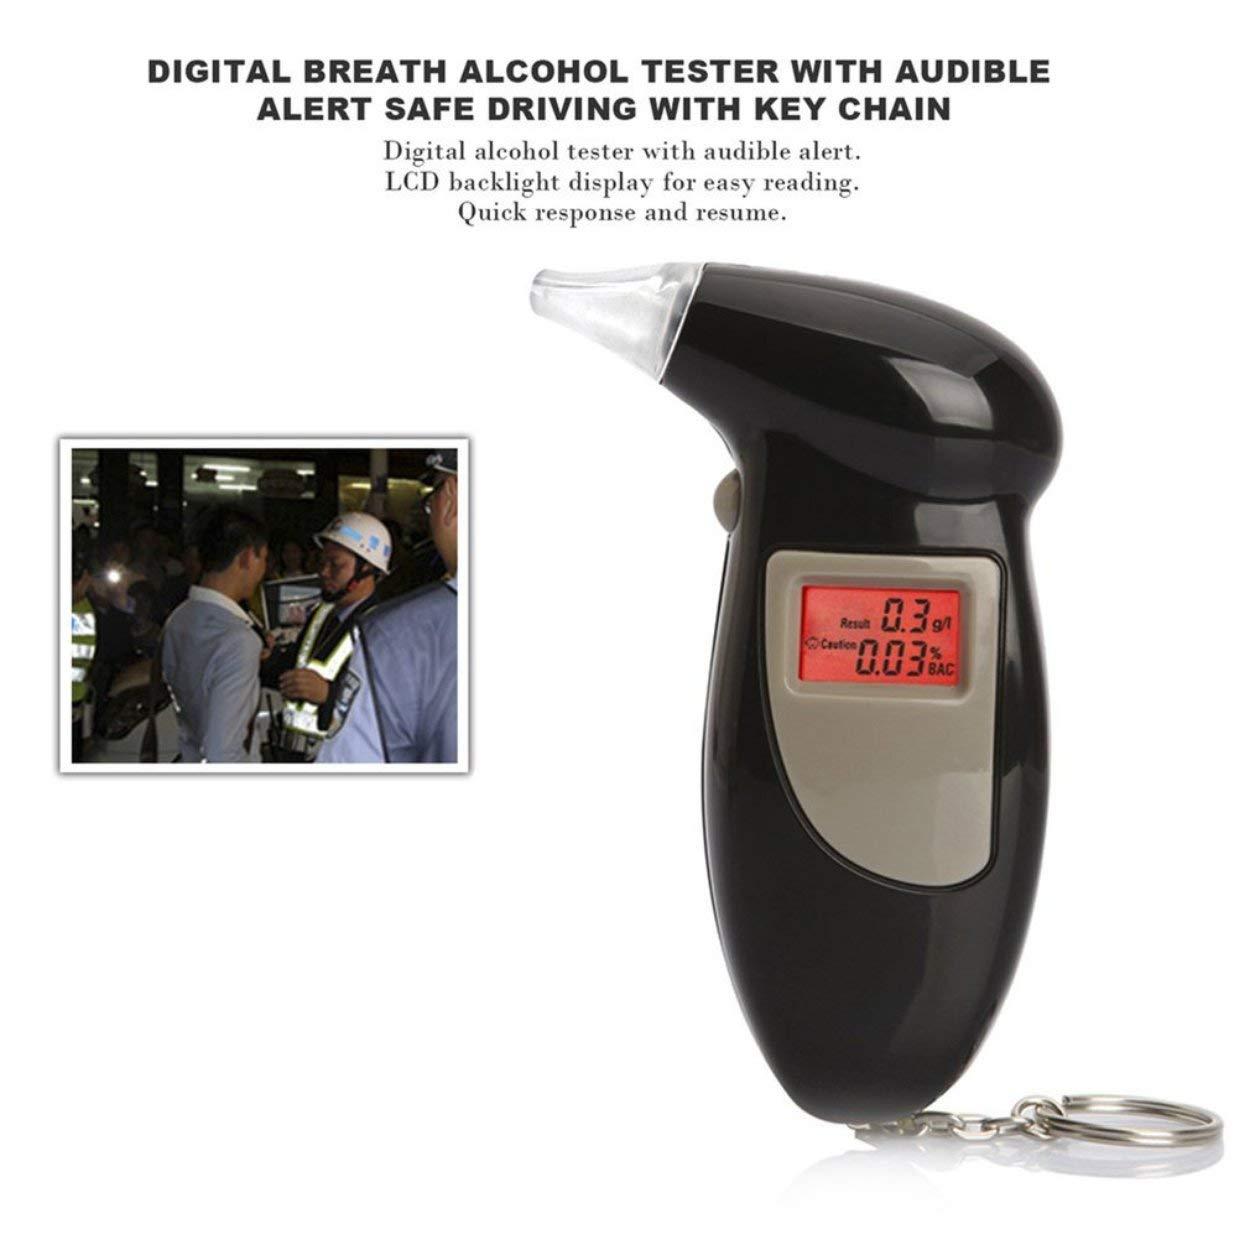 Losenlli Probador Digital de Alcohol en Aliento con Alerta Audible Conducci/ón Segura con Llavero Detector de Alcohol de Respuesta r/ápida Alcohol/ímetro